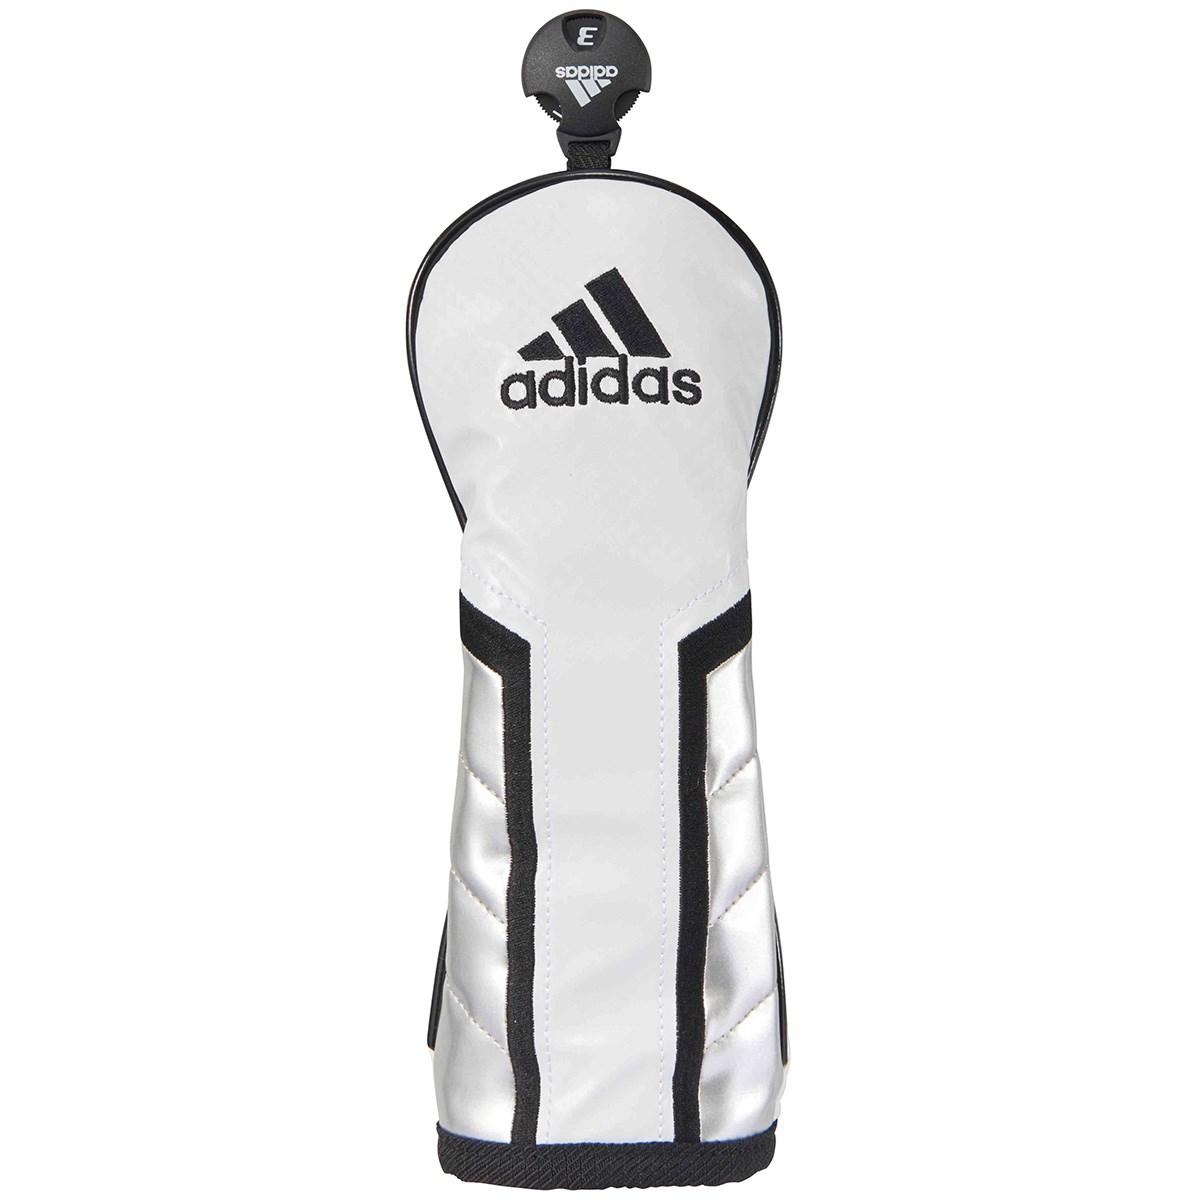 アディダス adidas ヘッドカバー UT用 ホワイト メンズ ゴルフ